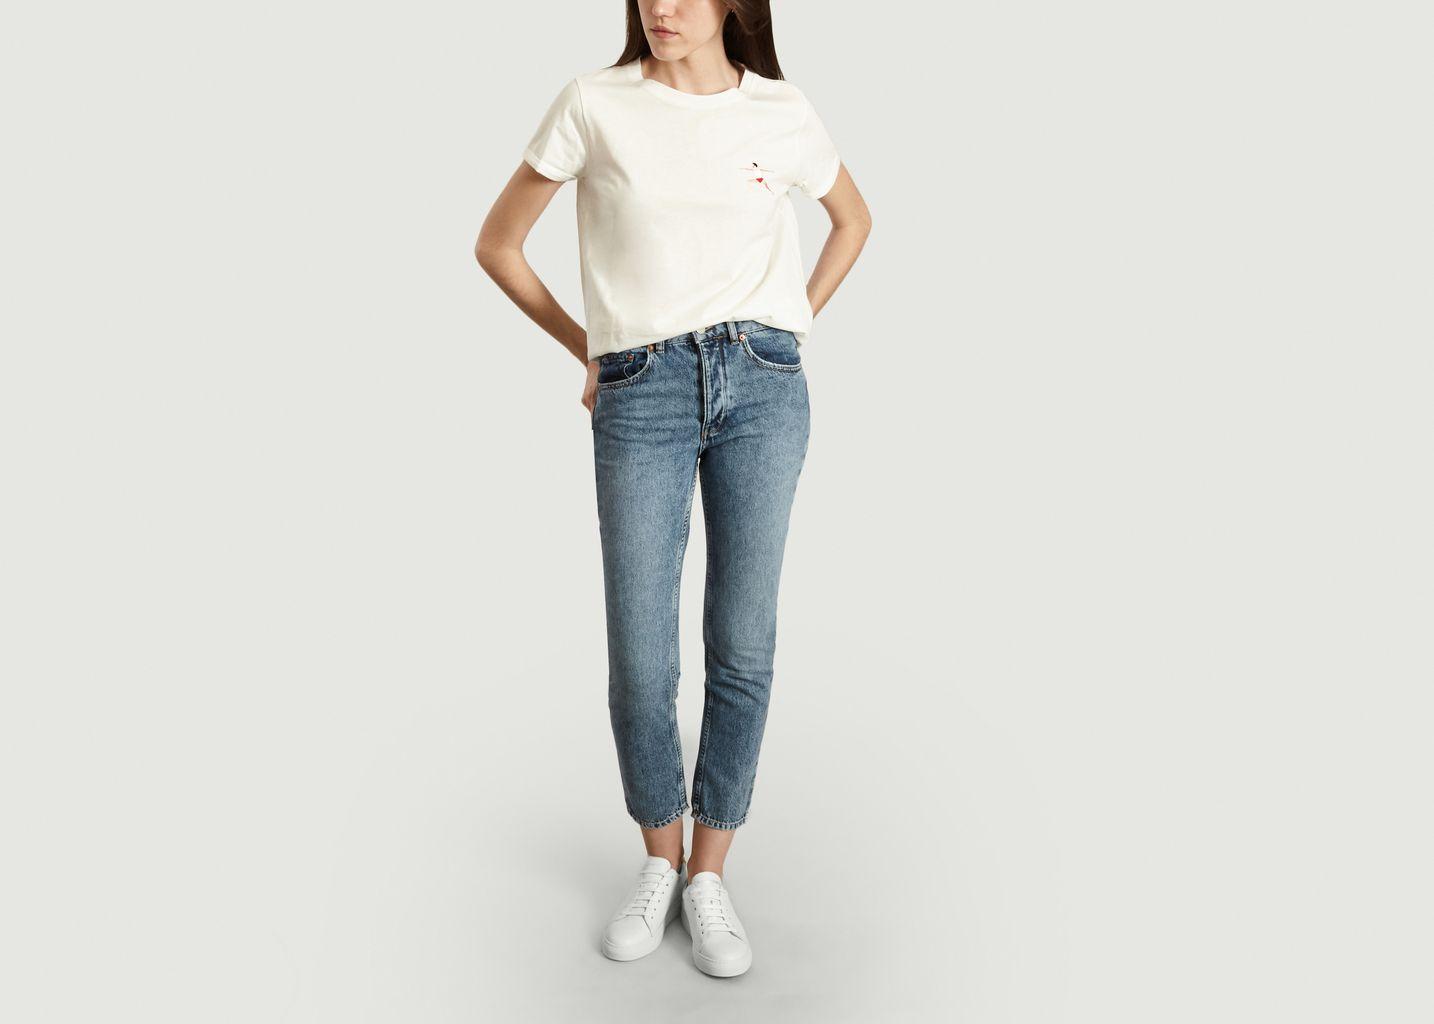 T-Shirt Yoga en Coton Biologique - Olow